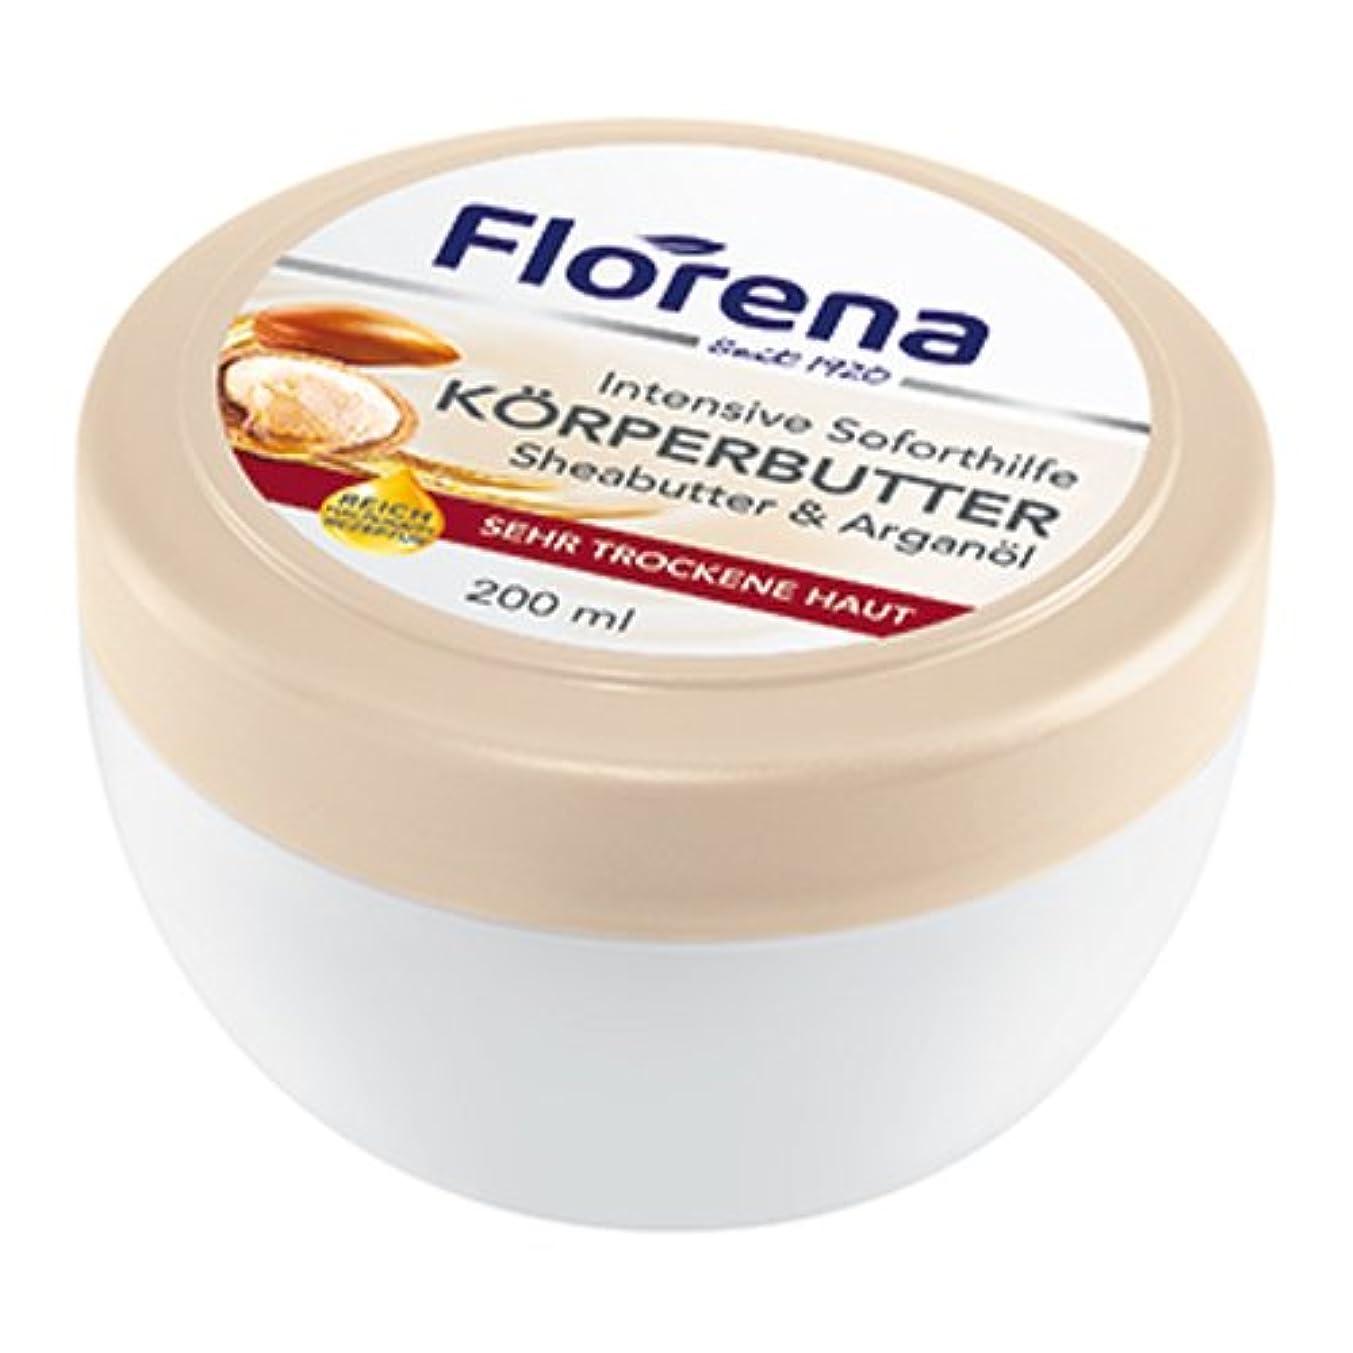 表面正気強制的フロレナ フロレナ ボディバター 200ml